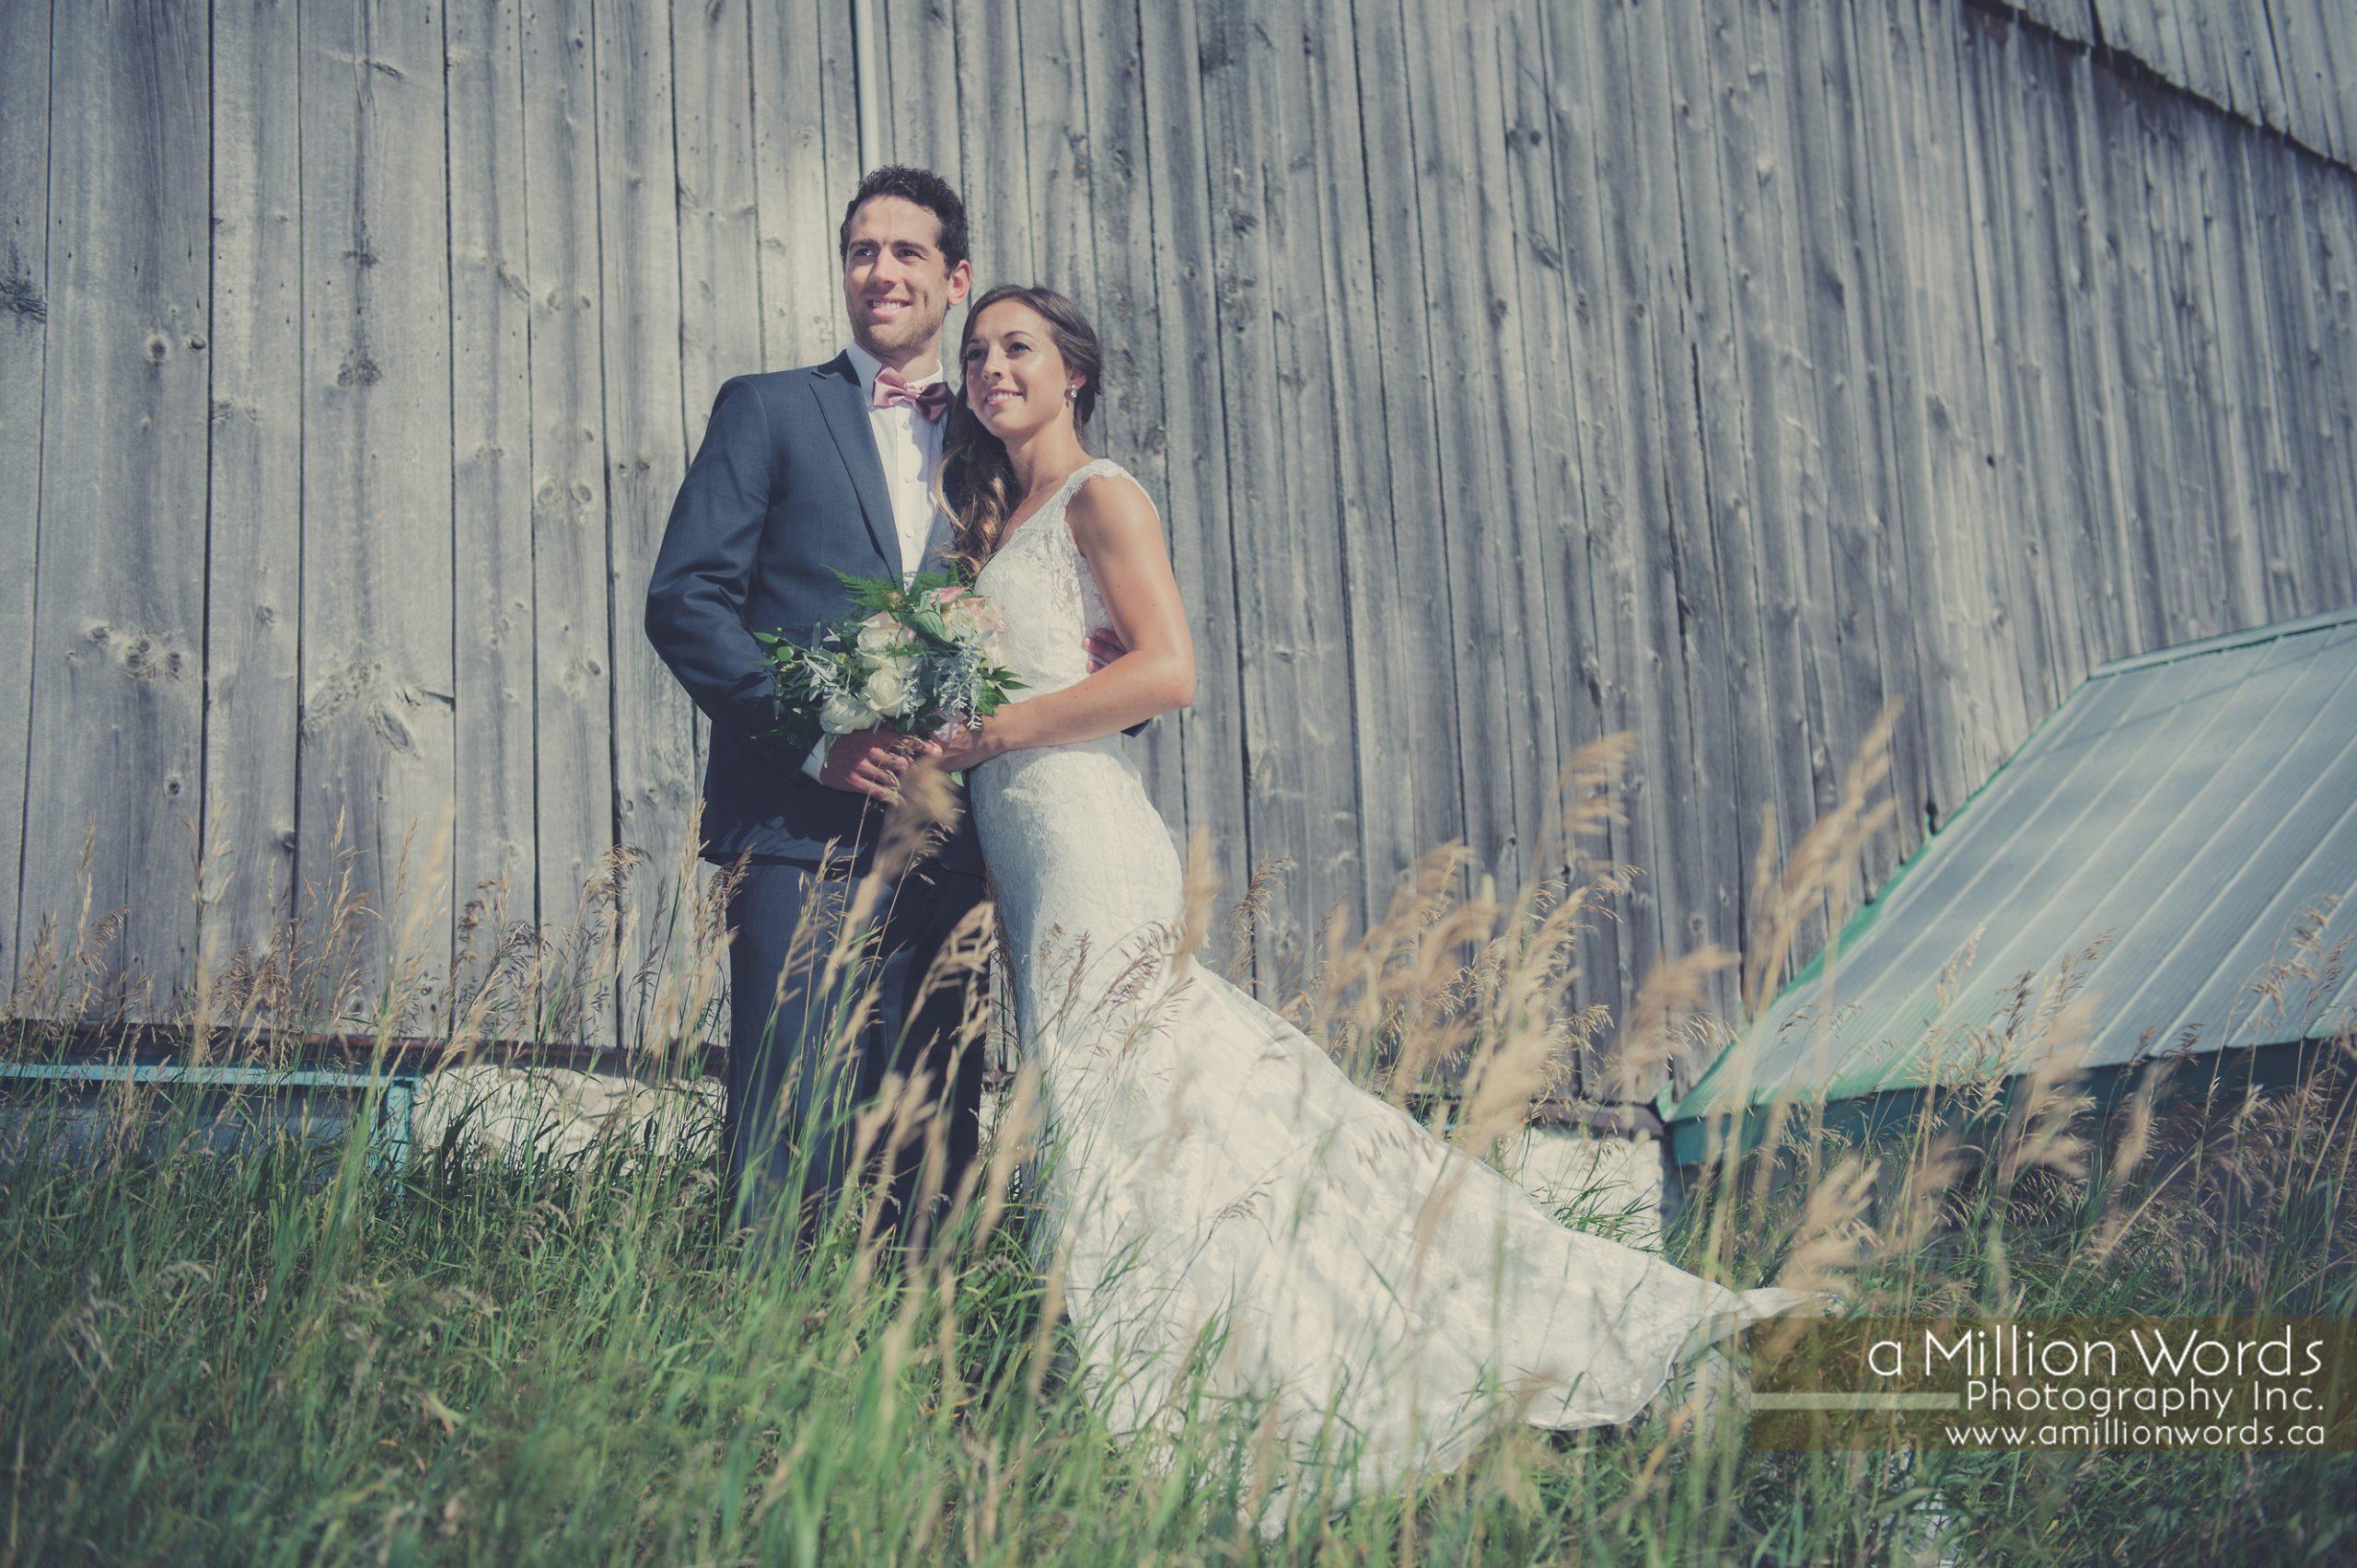 kw_wedding_photography38